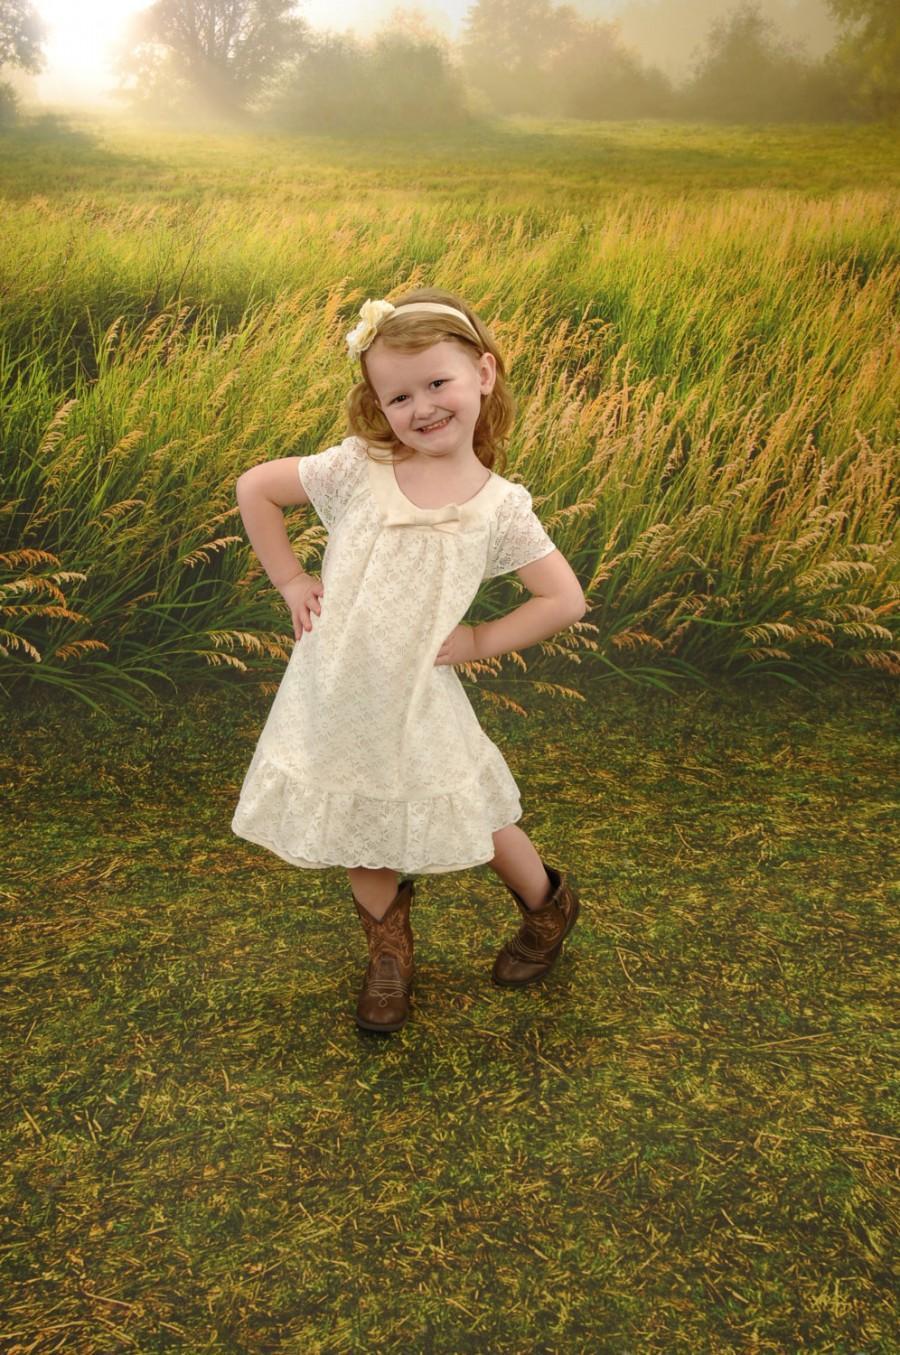 Sweet Cream Dress Flower Girl Dress Lace Dress Toddler